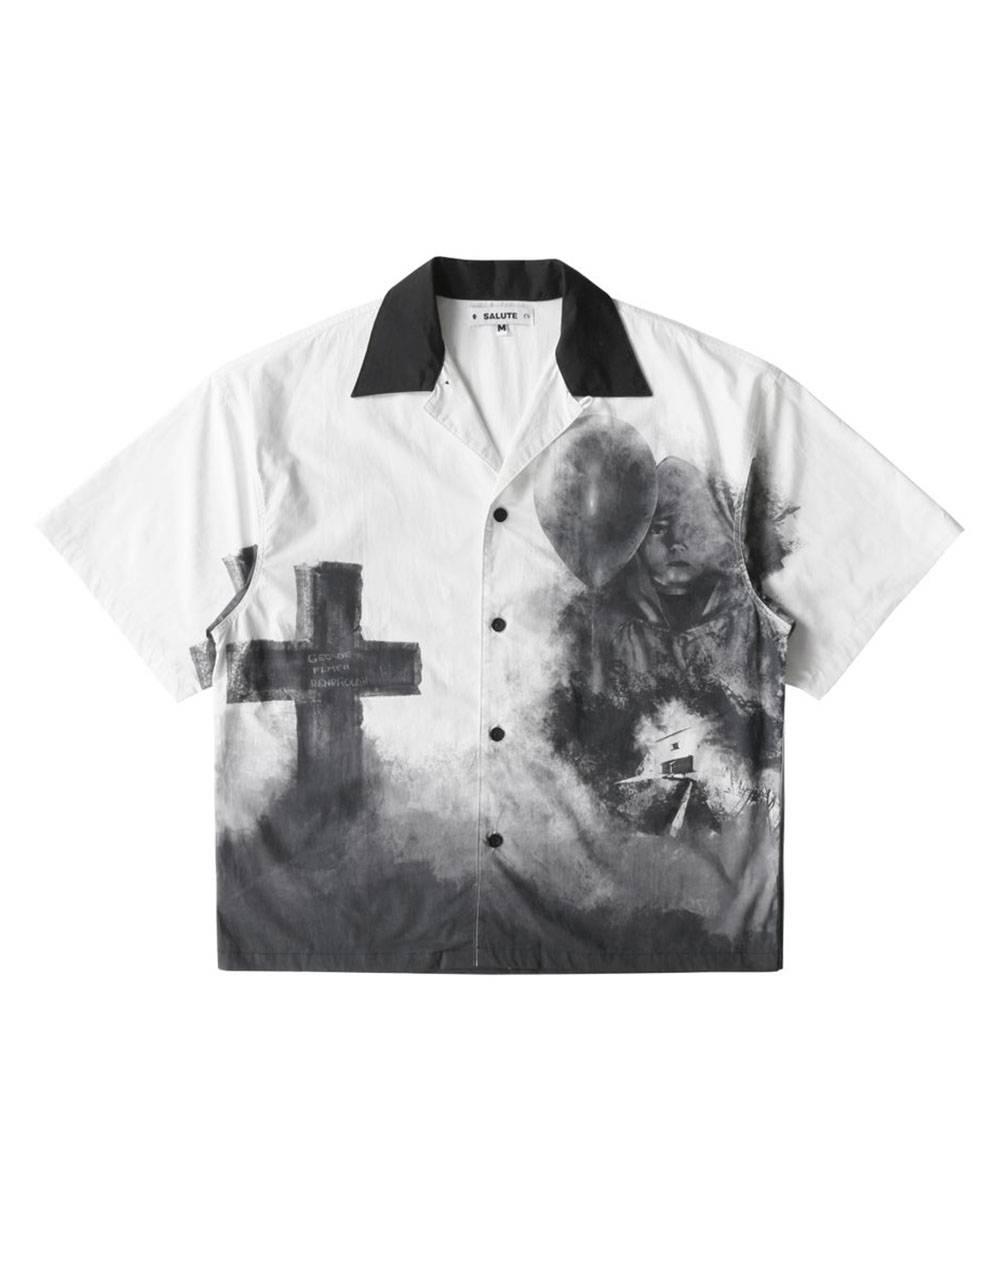 Salute HK Cross box fit shirt - white Salute HK Shirt 97,54€